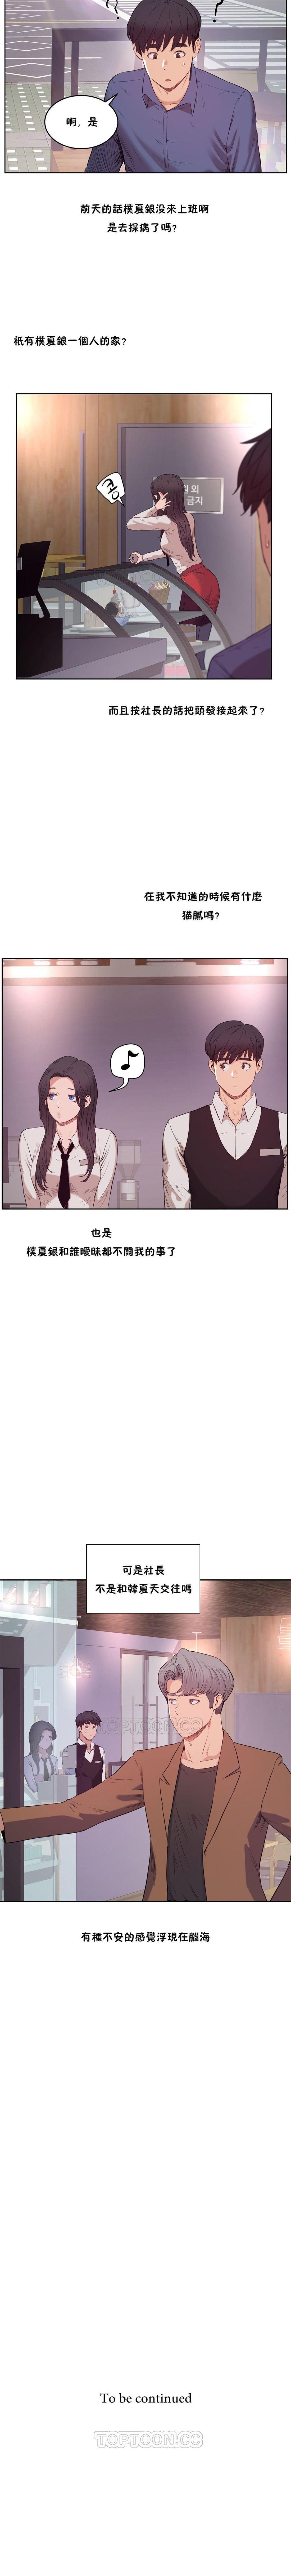 性教育 1-48.5 中文翻译(完結) 211